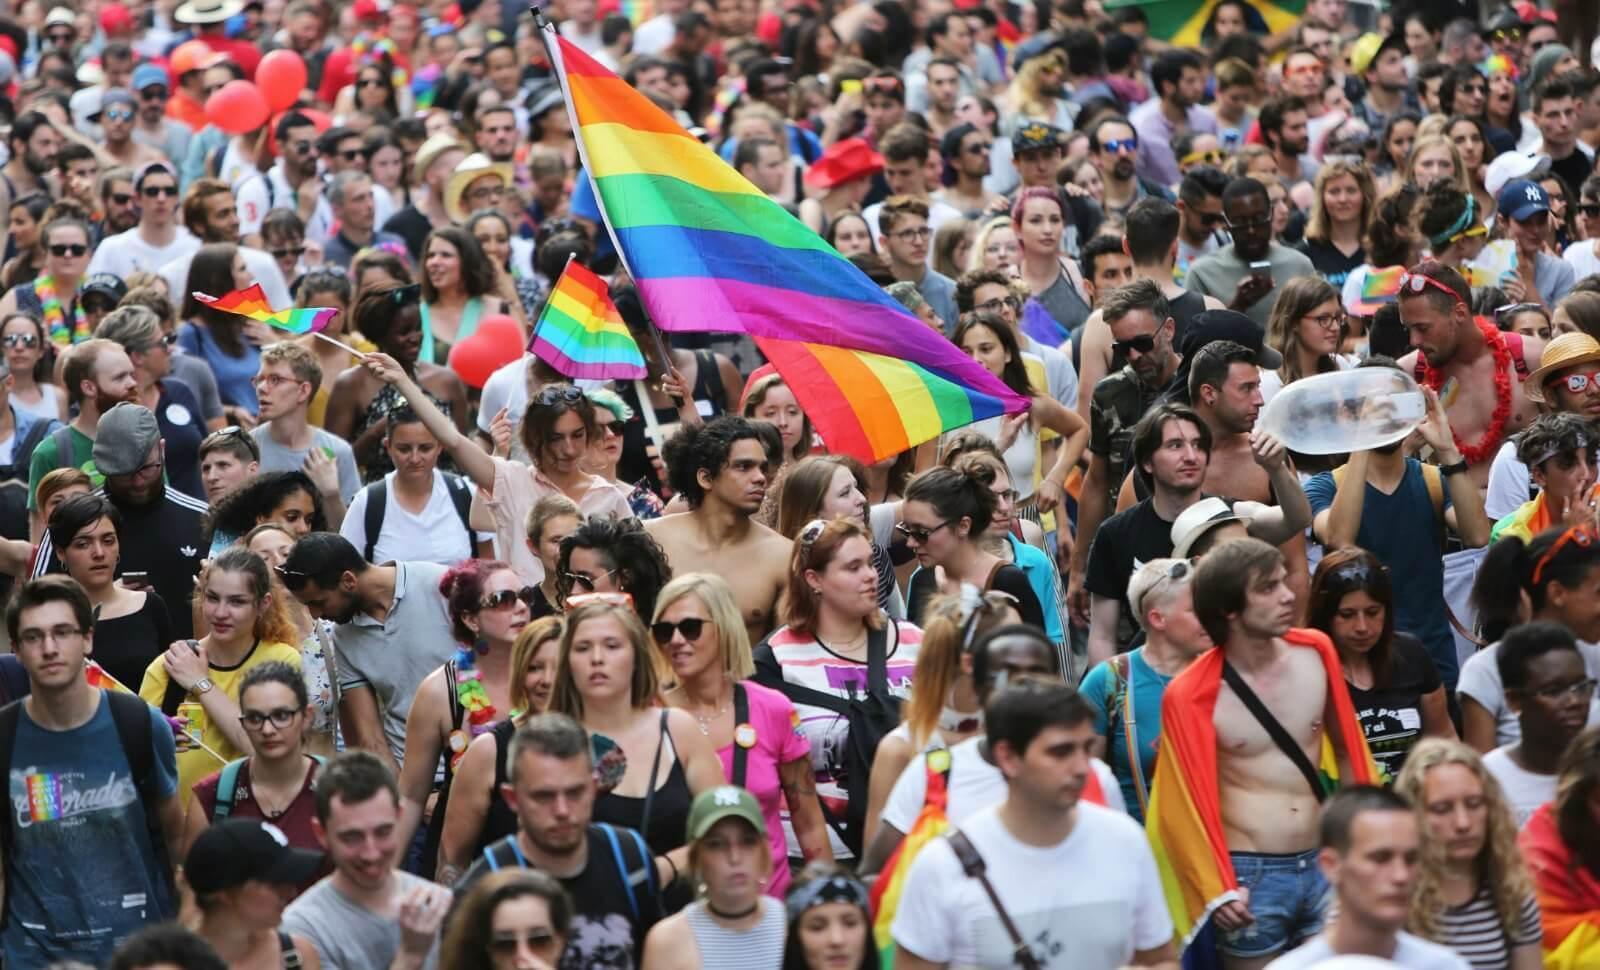 Chi sono i miliardari che finanziano il movimento LGBT?